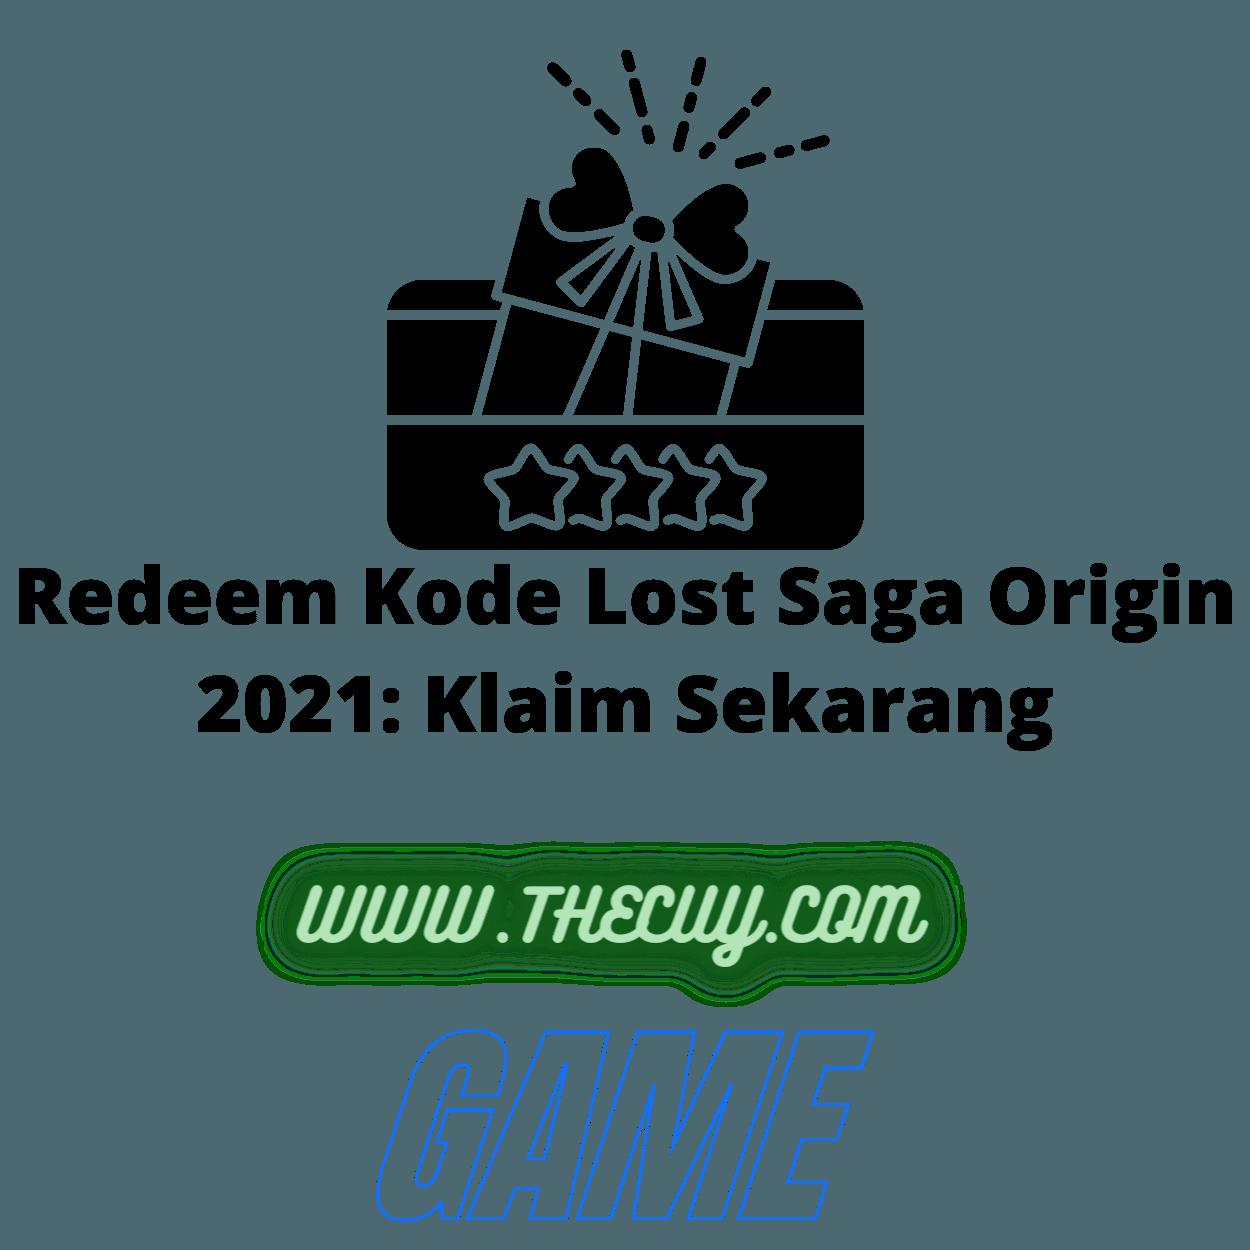 Redeem Kode Lost Saga Origin 2021: Klaim Sekarang